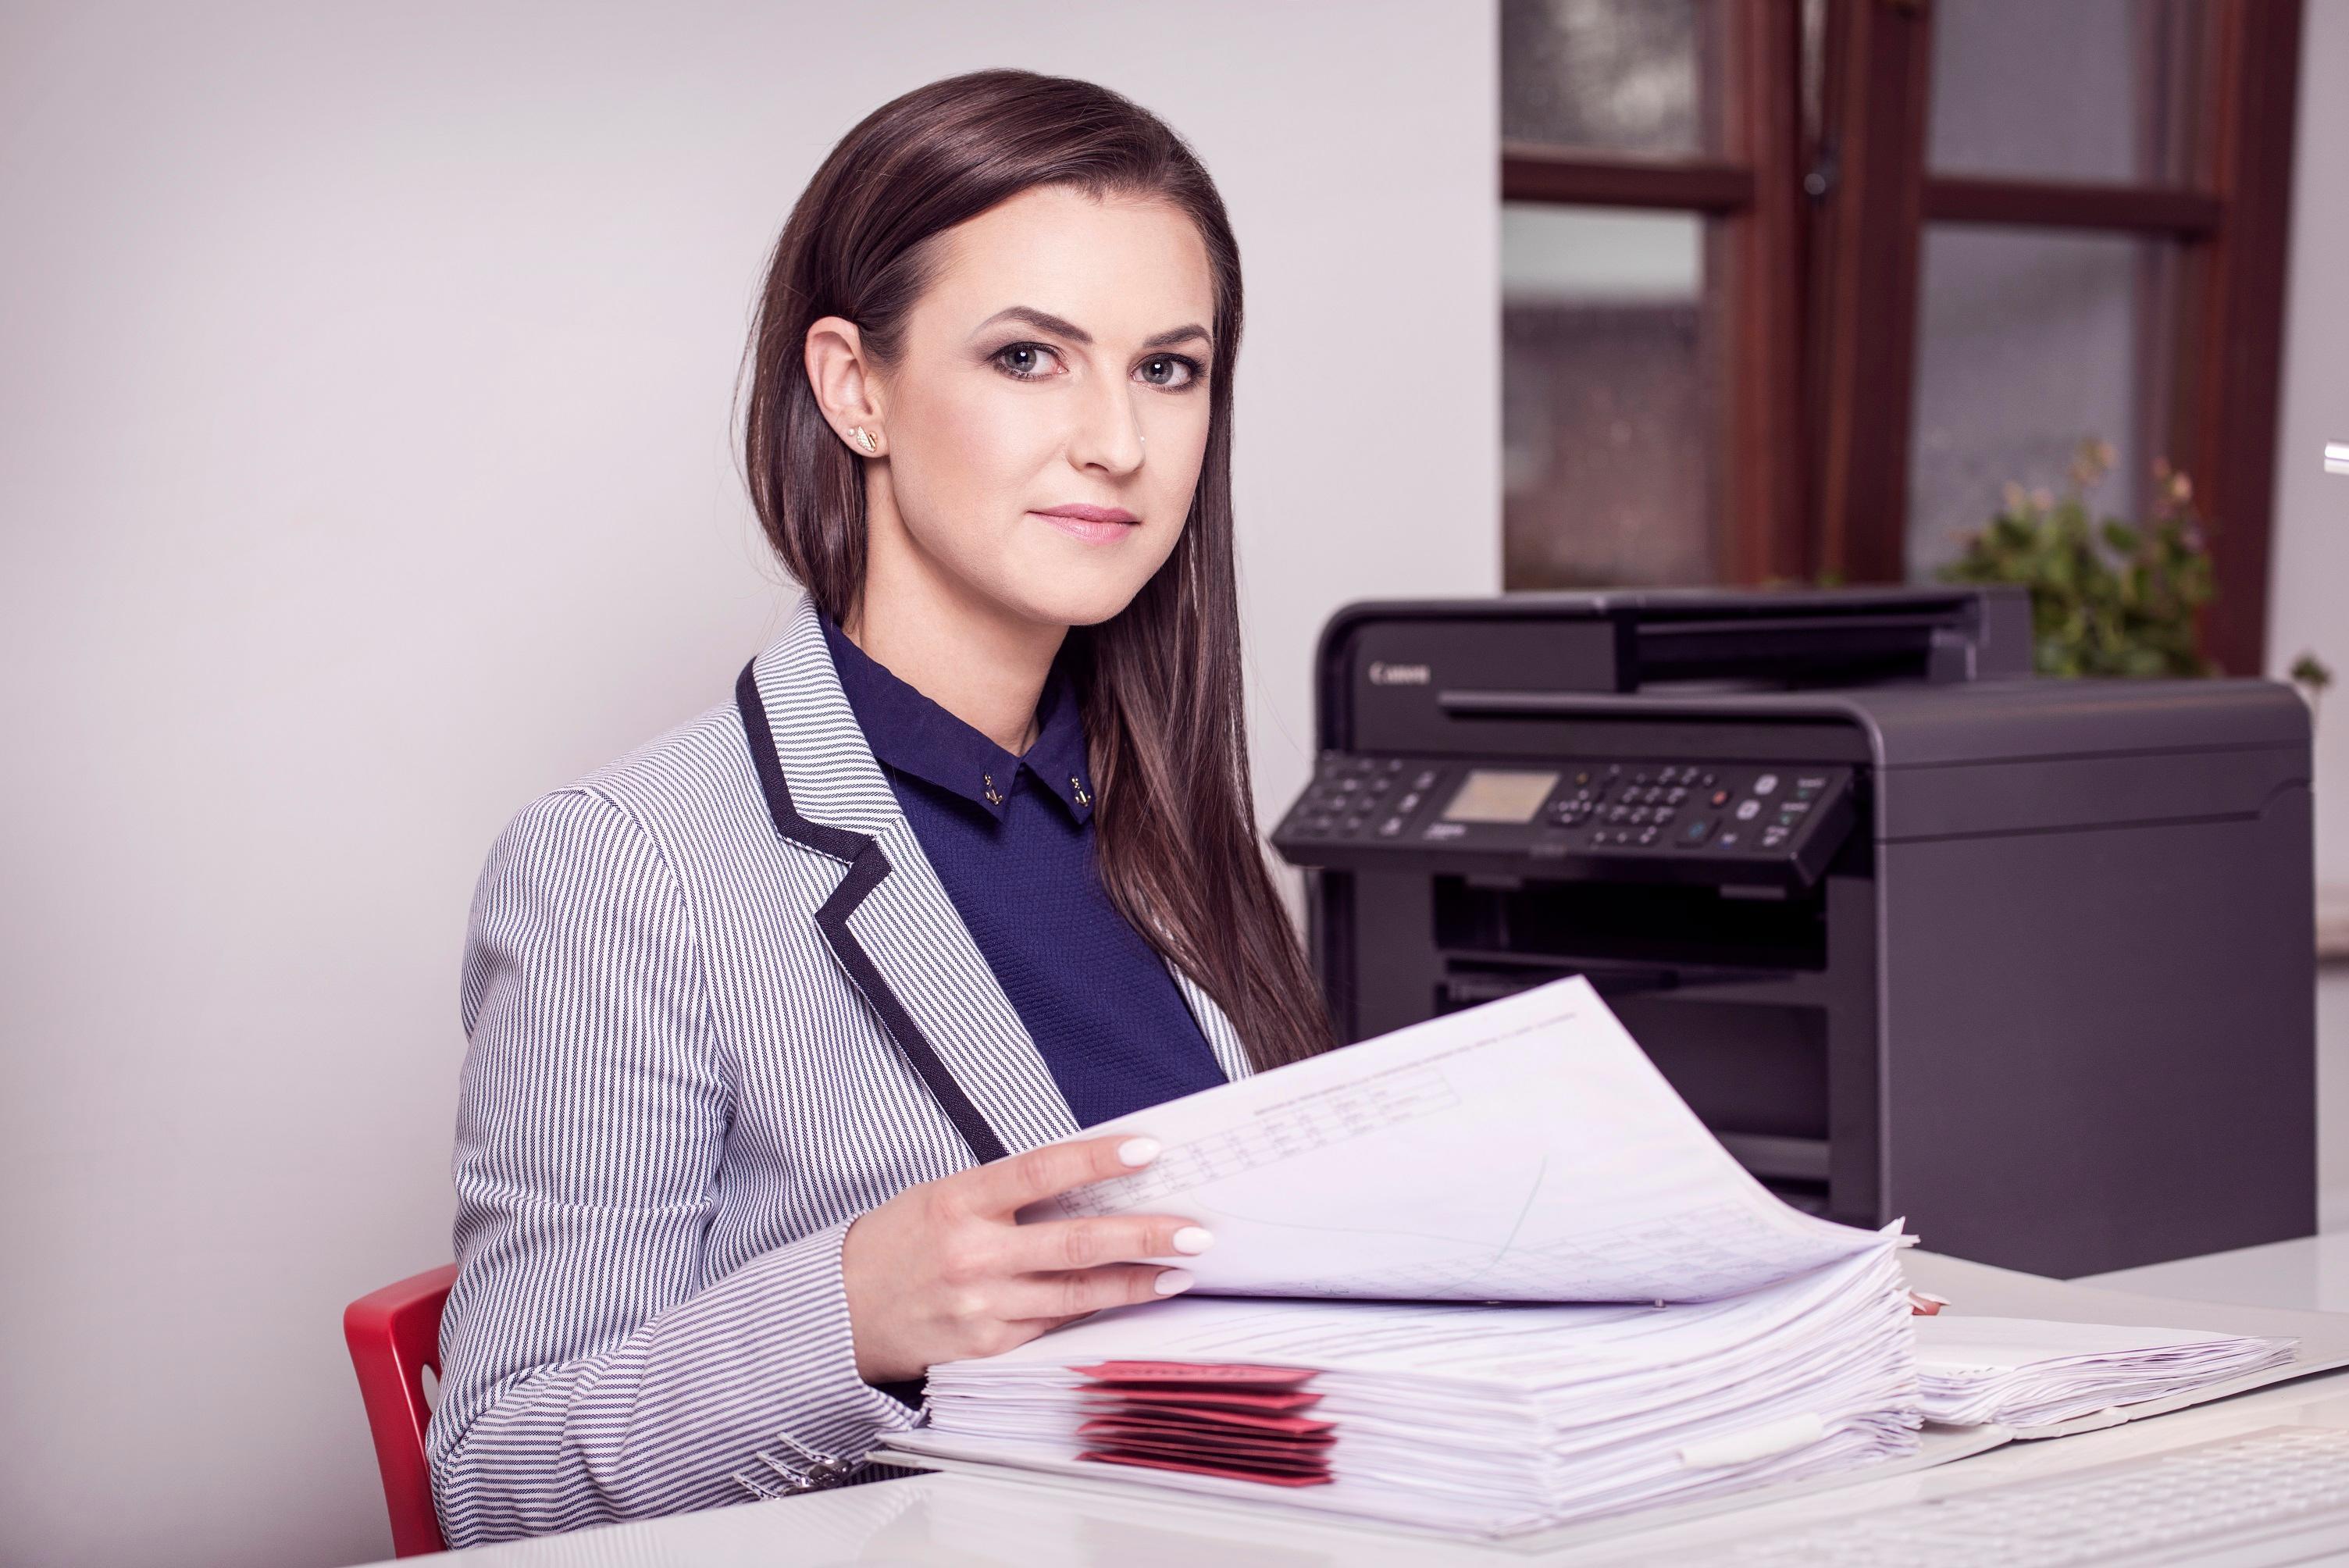 Работа бухгалтер запорожье может ли учредитель оказывать бухгалтерские услуги как ип